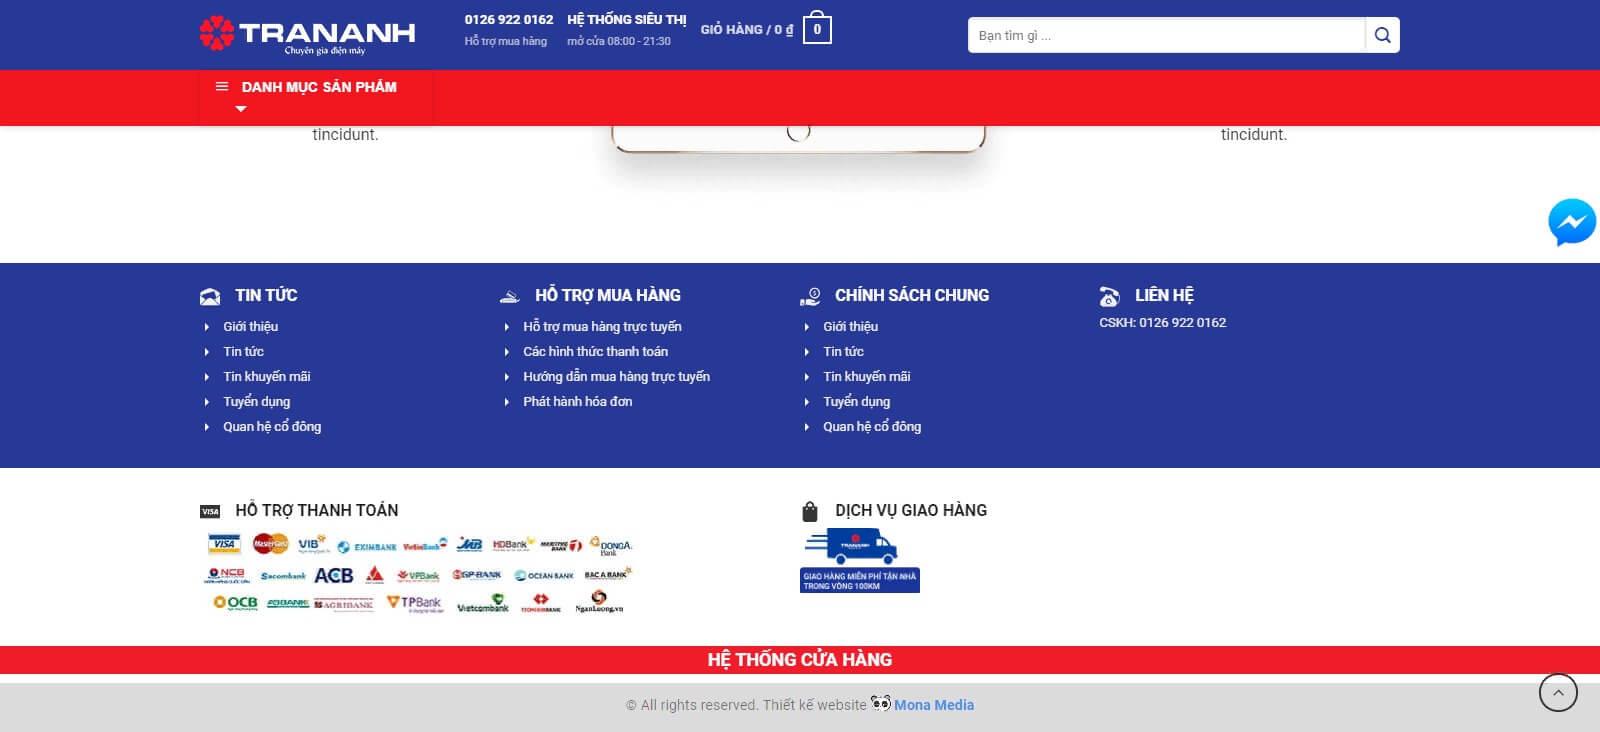 Thiết kế website bán máy tính chuyên nghiệp, đẹp mắt giống website Tran Anh